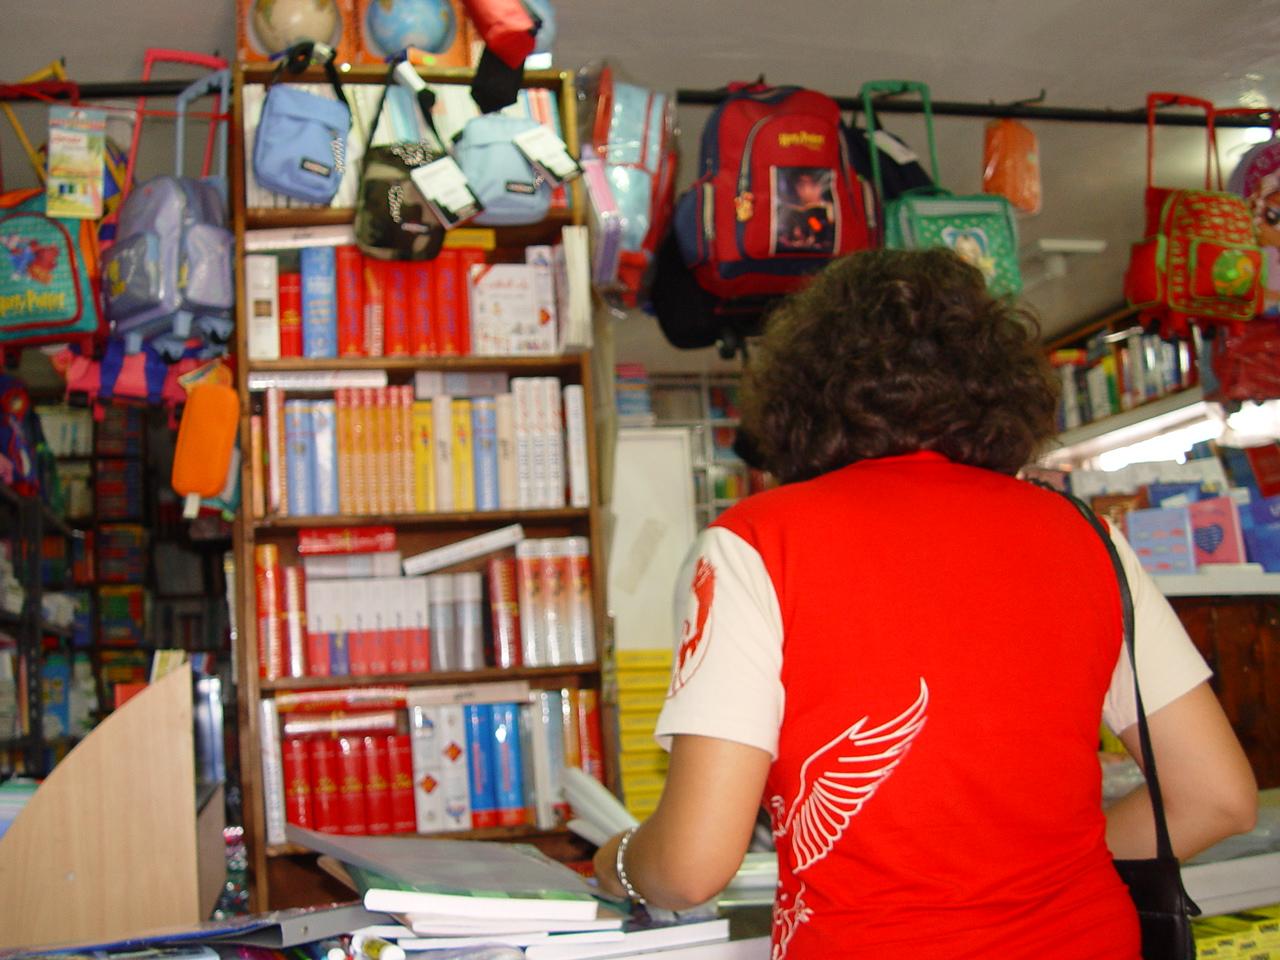 كتبيو المغرب يكشفون تخوفهم من إغلاق منافذ الدارالبيضاء بسبب الجائحة